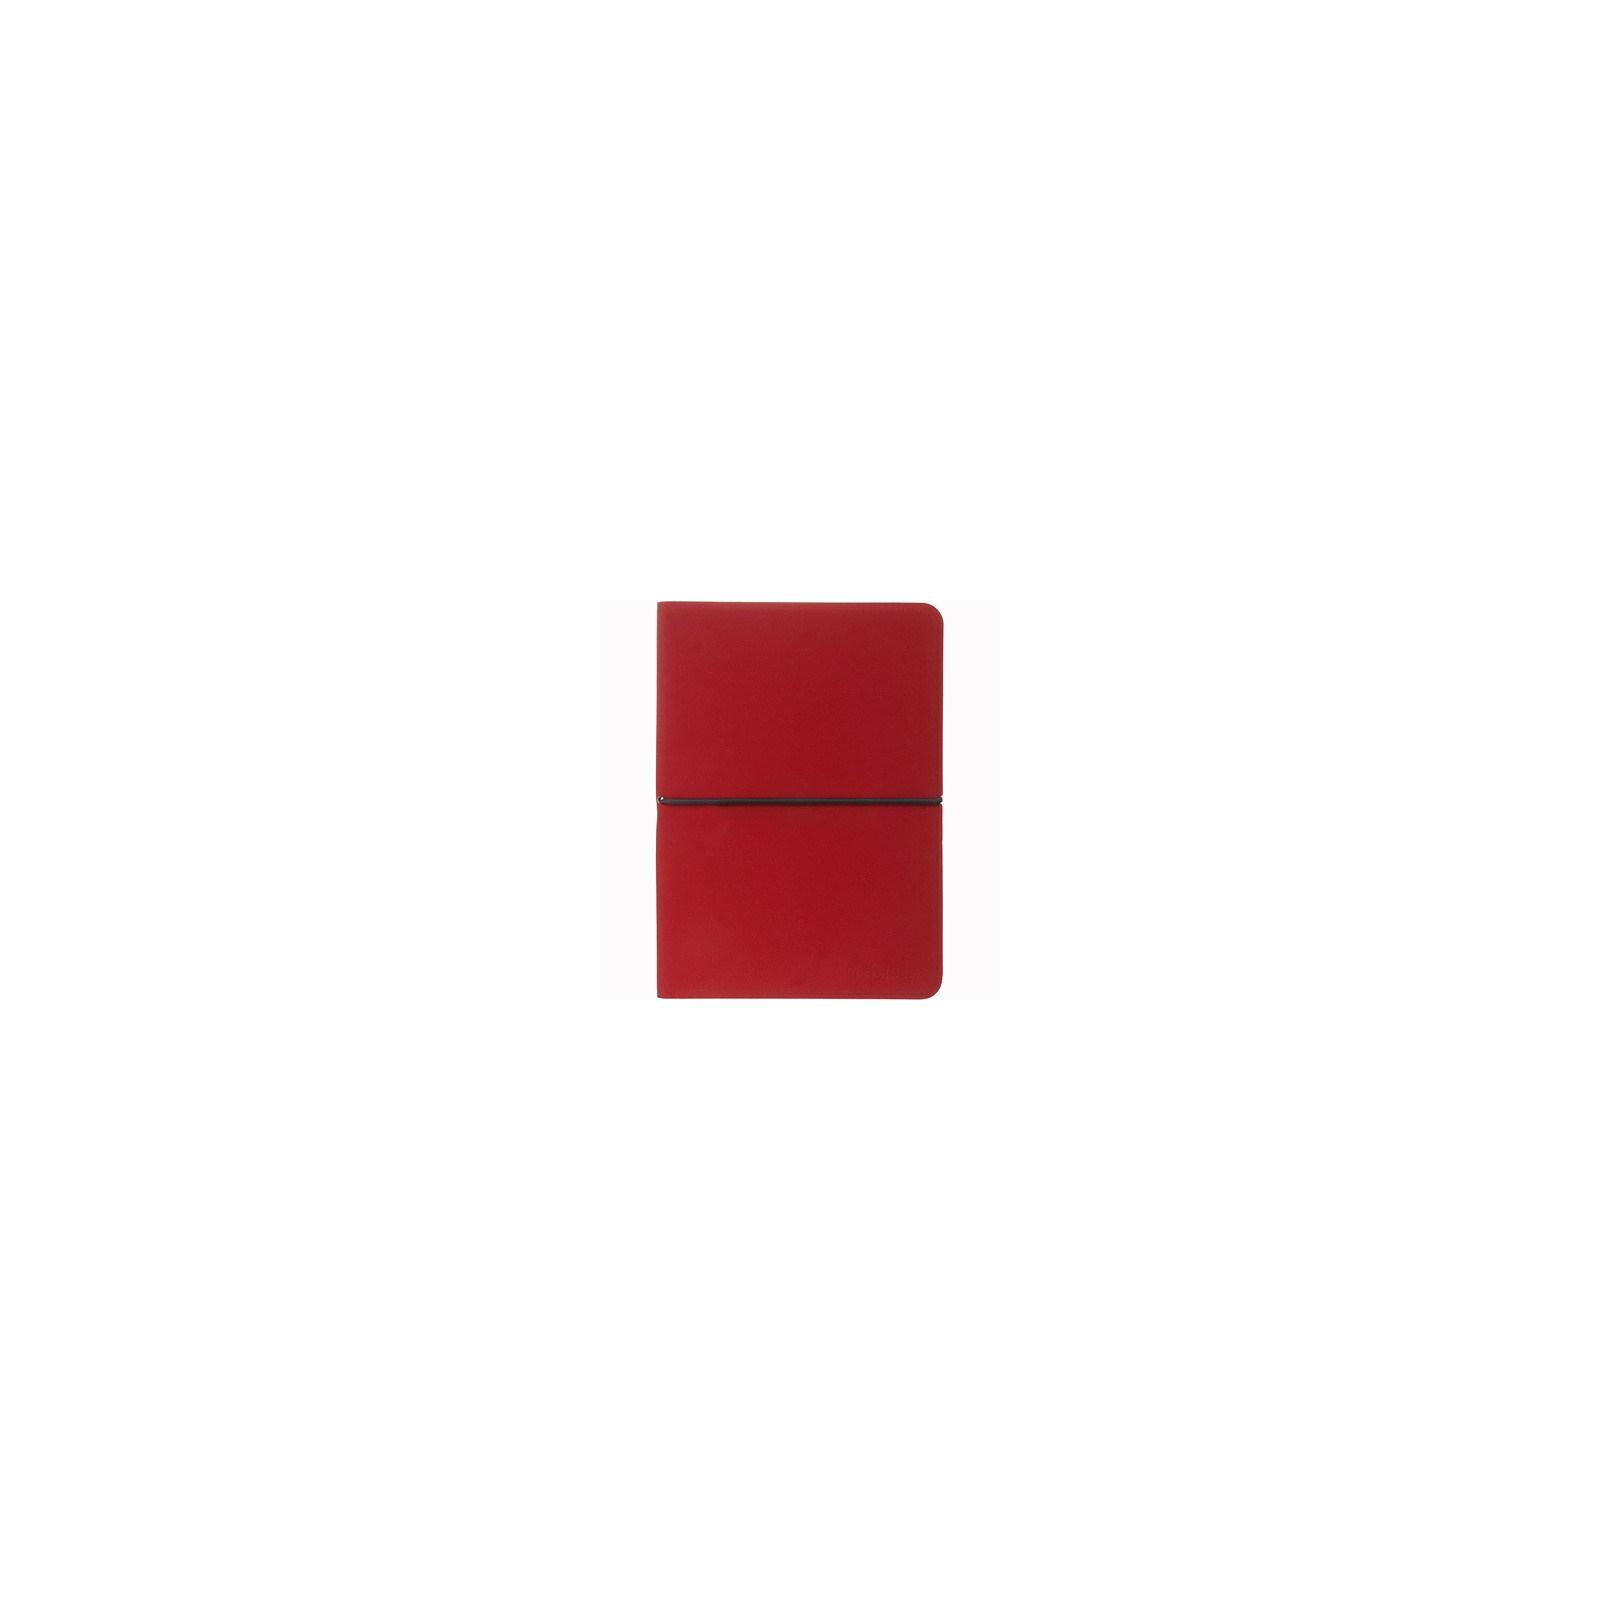 Чехол для электронной книги PocketBook VW Easy для PB611/613 (VWPUC-611/613-RD-ES)